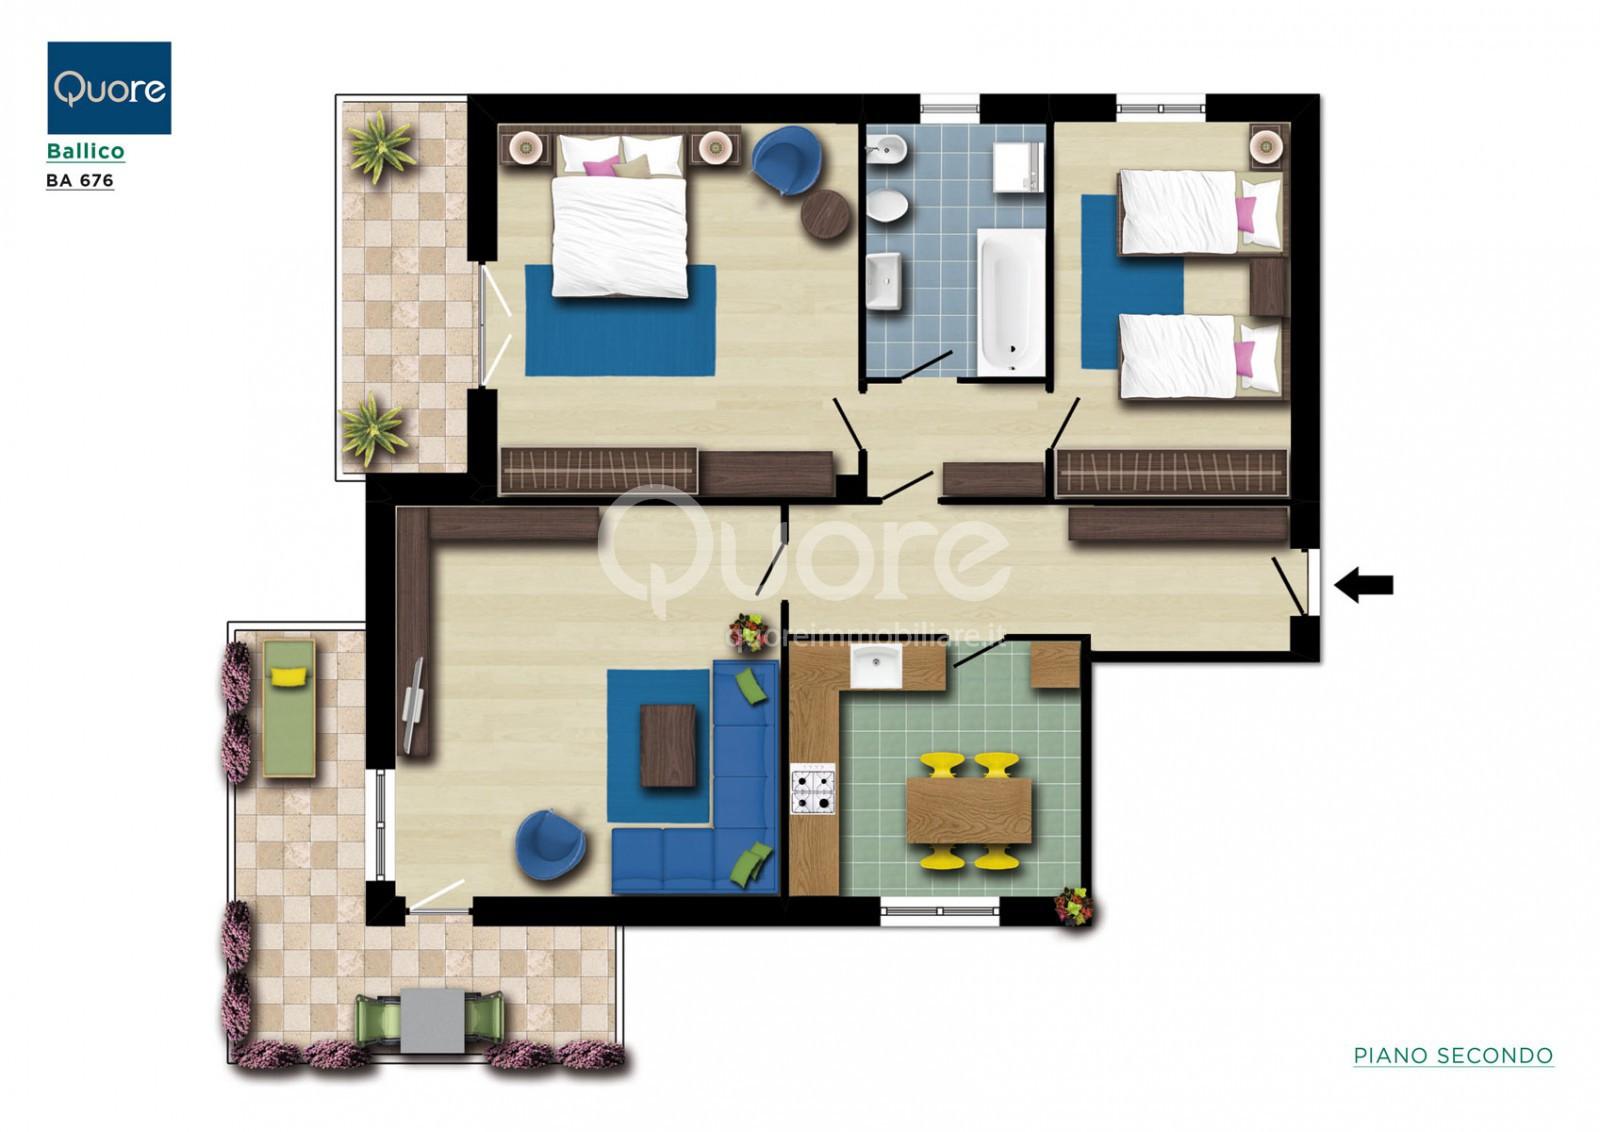 Appartamento in vendita a Tavagnacco, 4 locali, zona Località: FelettoUmberto, prezzo € 99.000 | CambioCasa.it